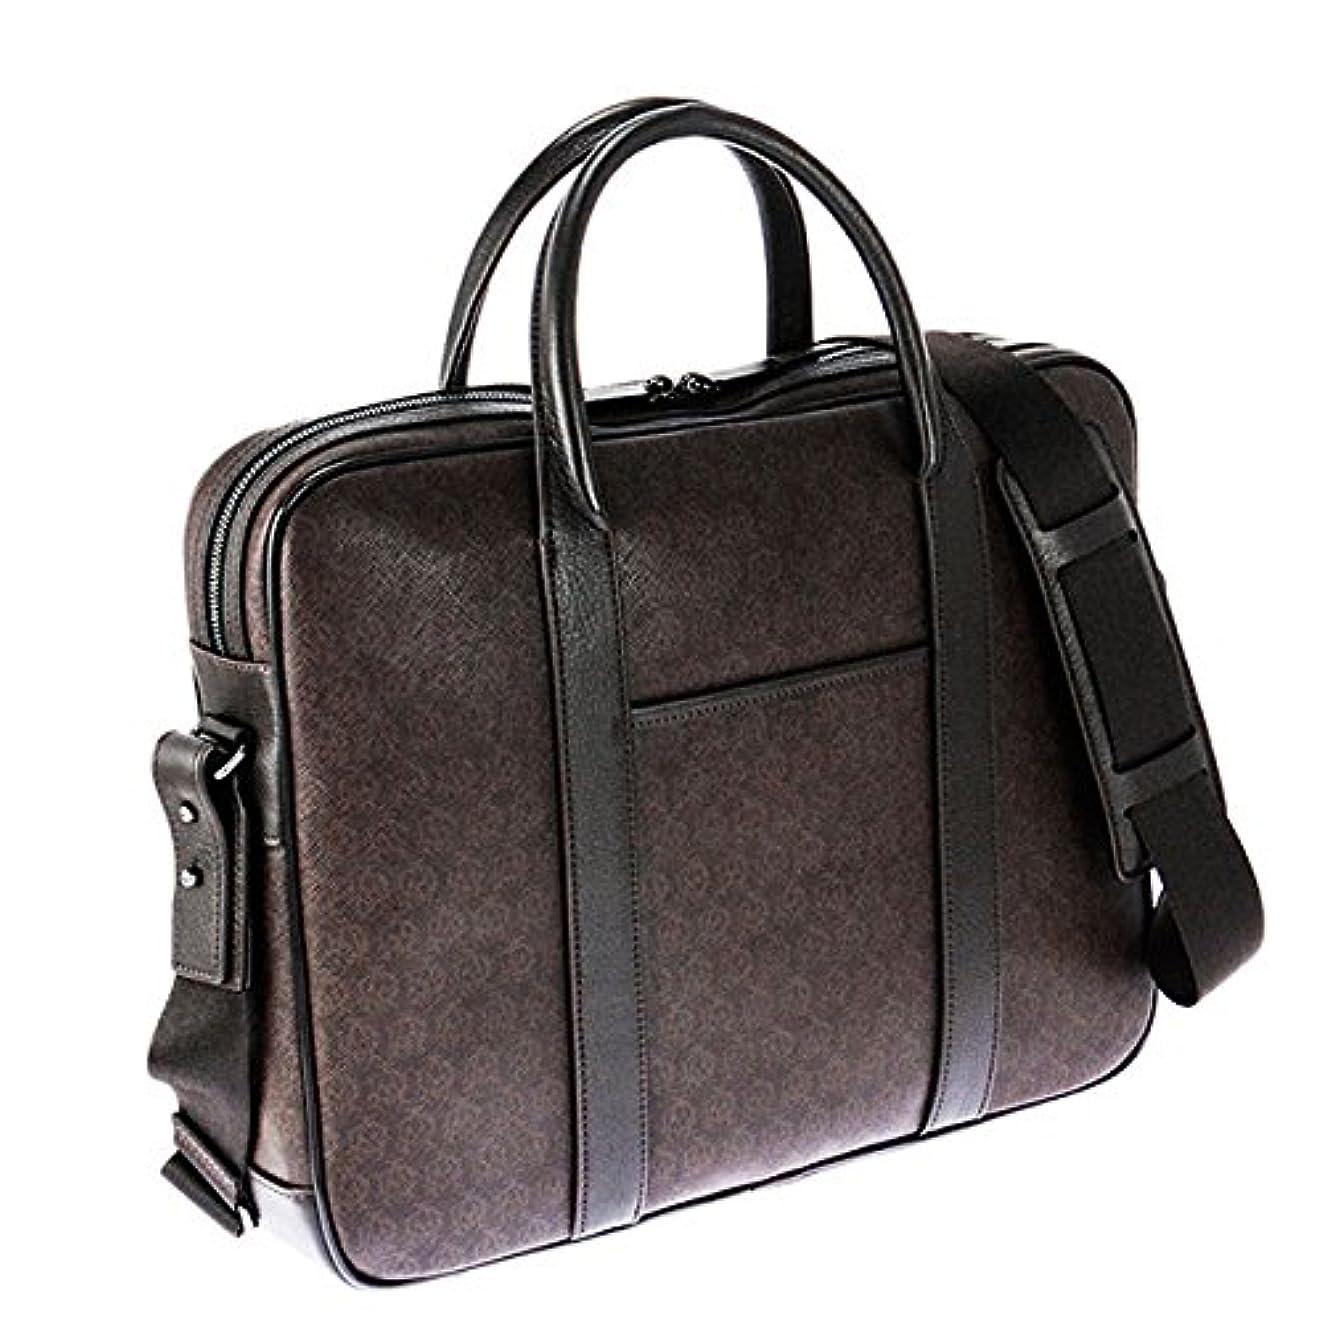 まとめるマグ回答ダンヒル DUNHILL メンズ ブリーフケース L3N781B バッグ ビジネスバッグ mirai1-538809-ak [並行輸入品] [簡易パッケージ品]